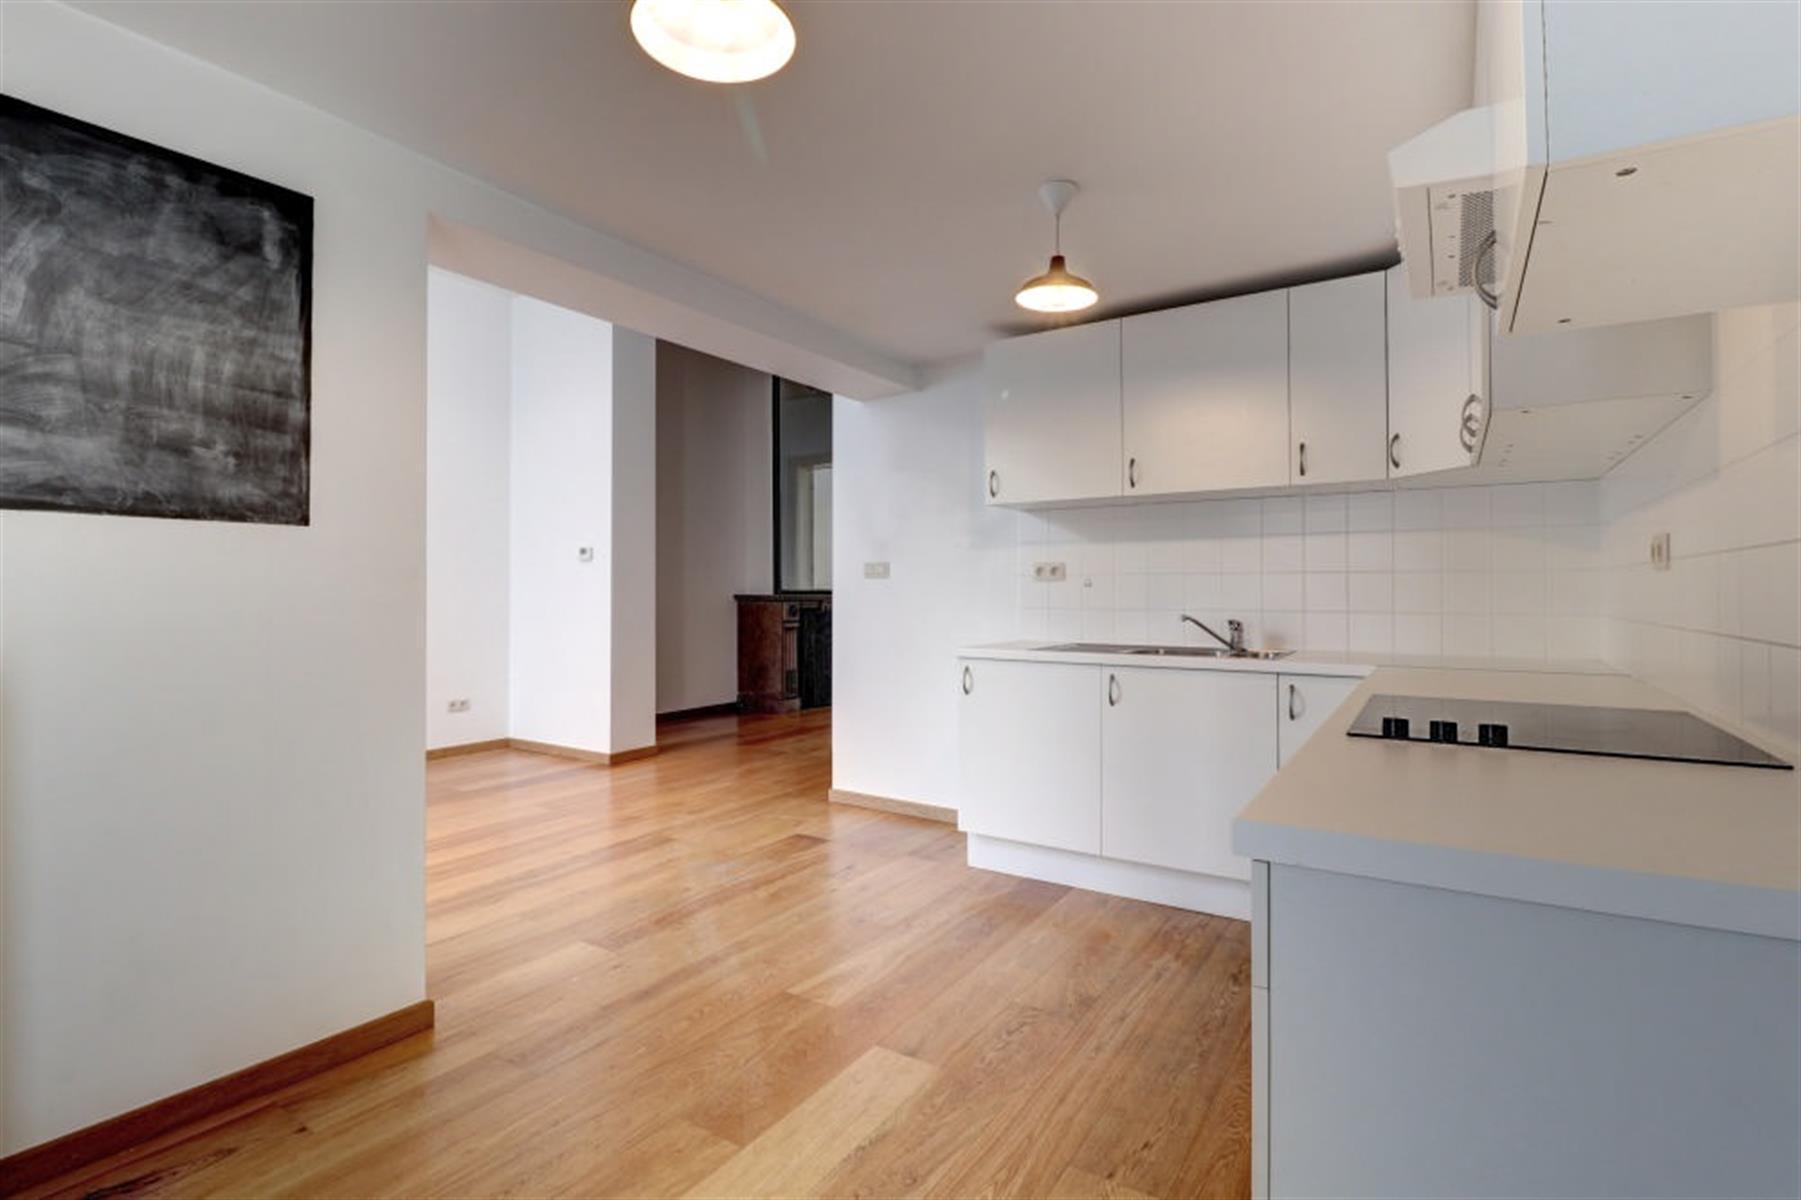 Duplex - Ixelles - #4402680-3